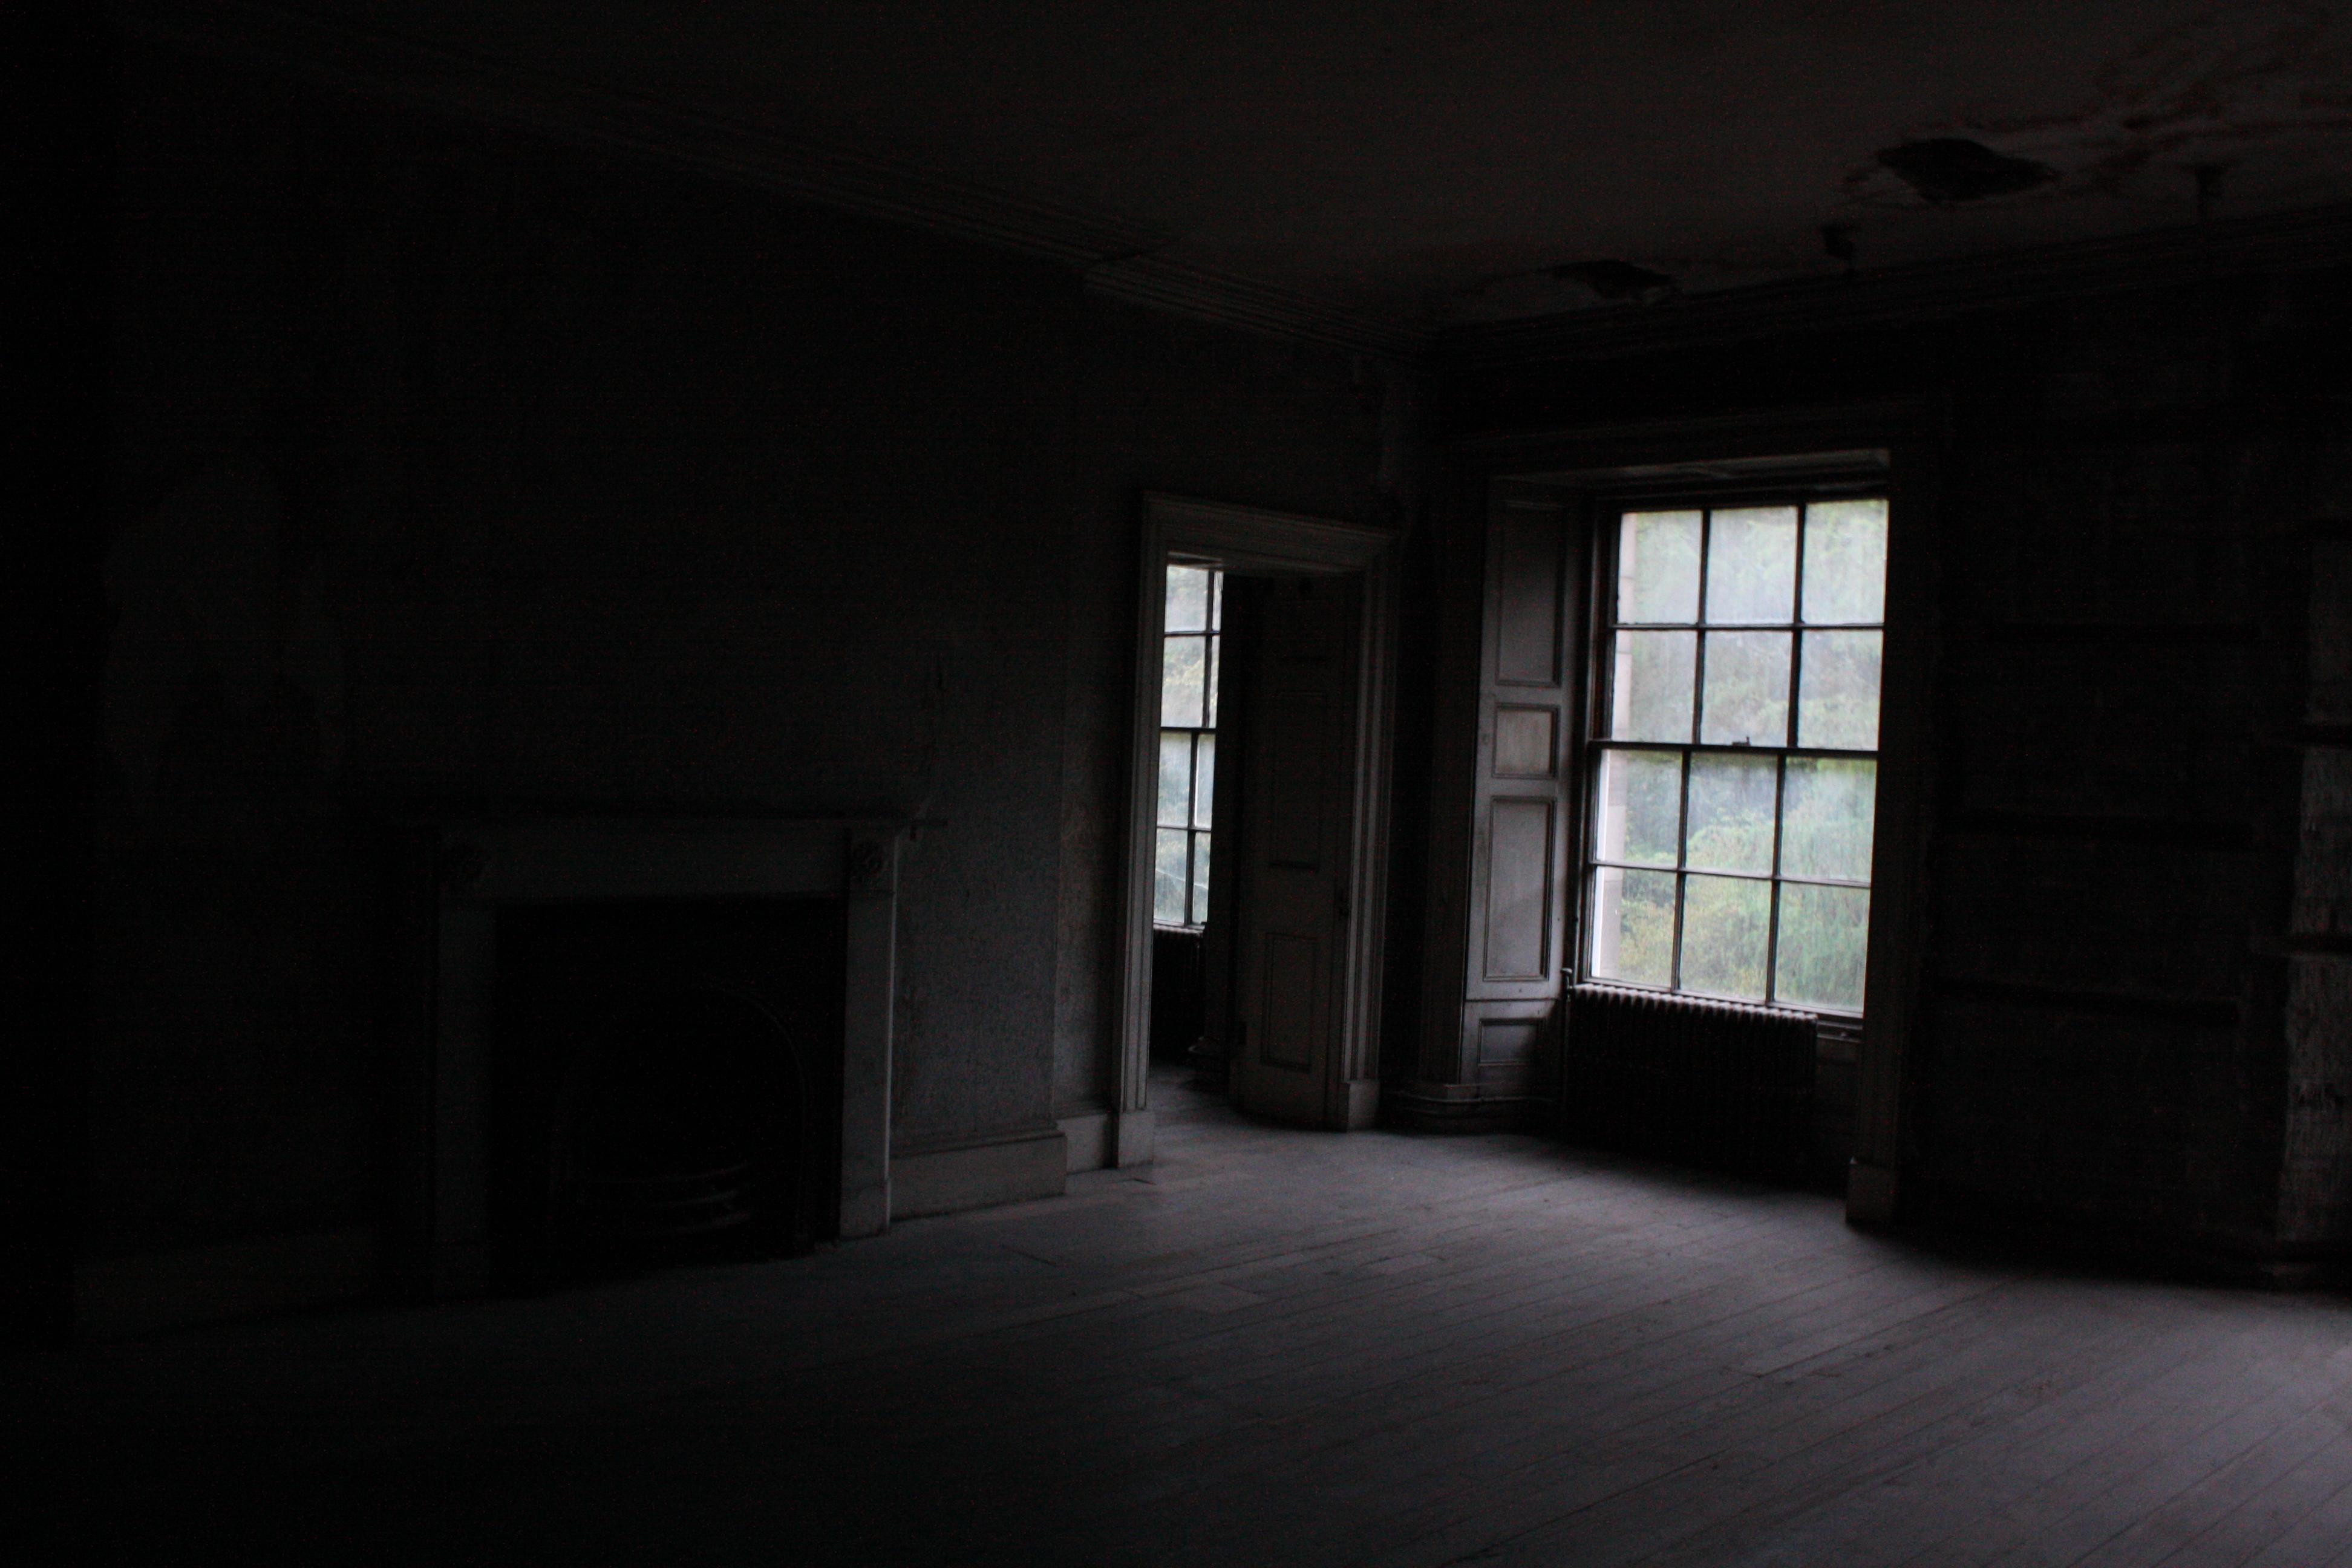 Dark Room & Free photo: Dark Room - Spooky Window Room - Free Download - Jooinn